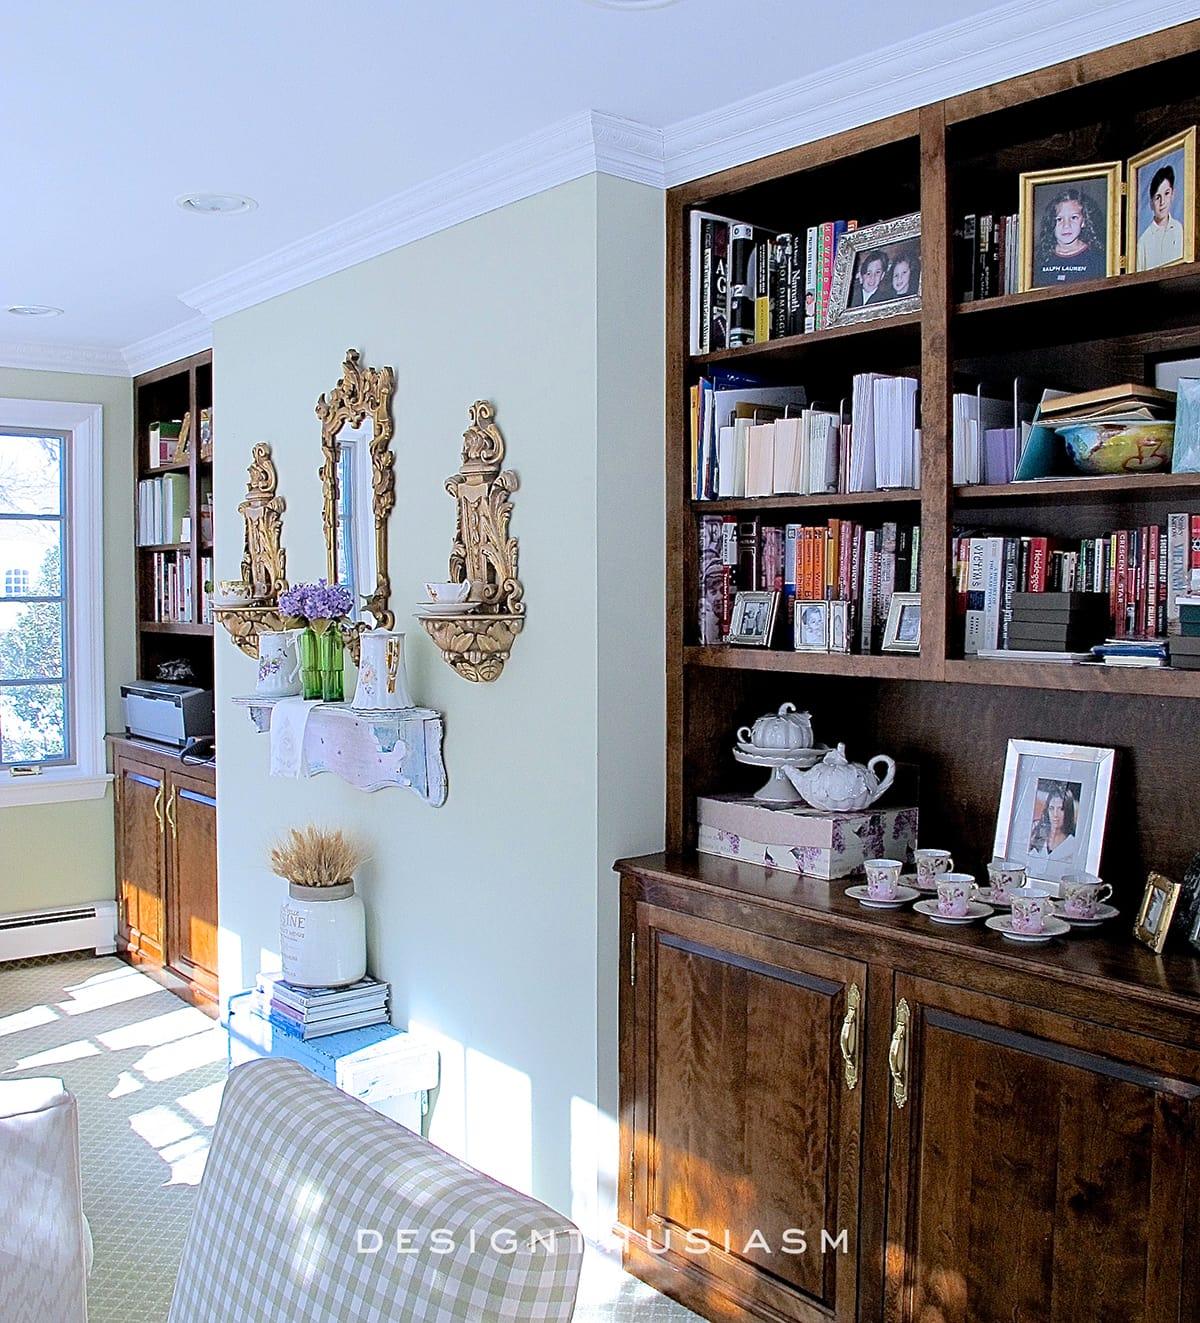 Library   Family House Tour   Designthusiasm.com